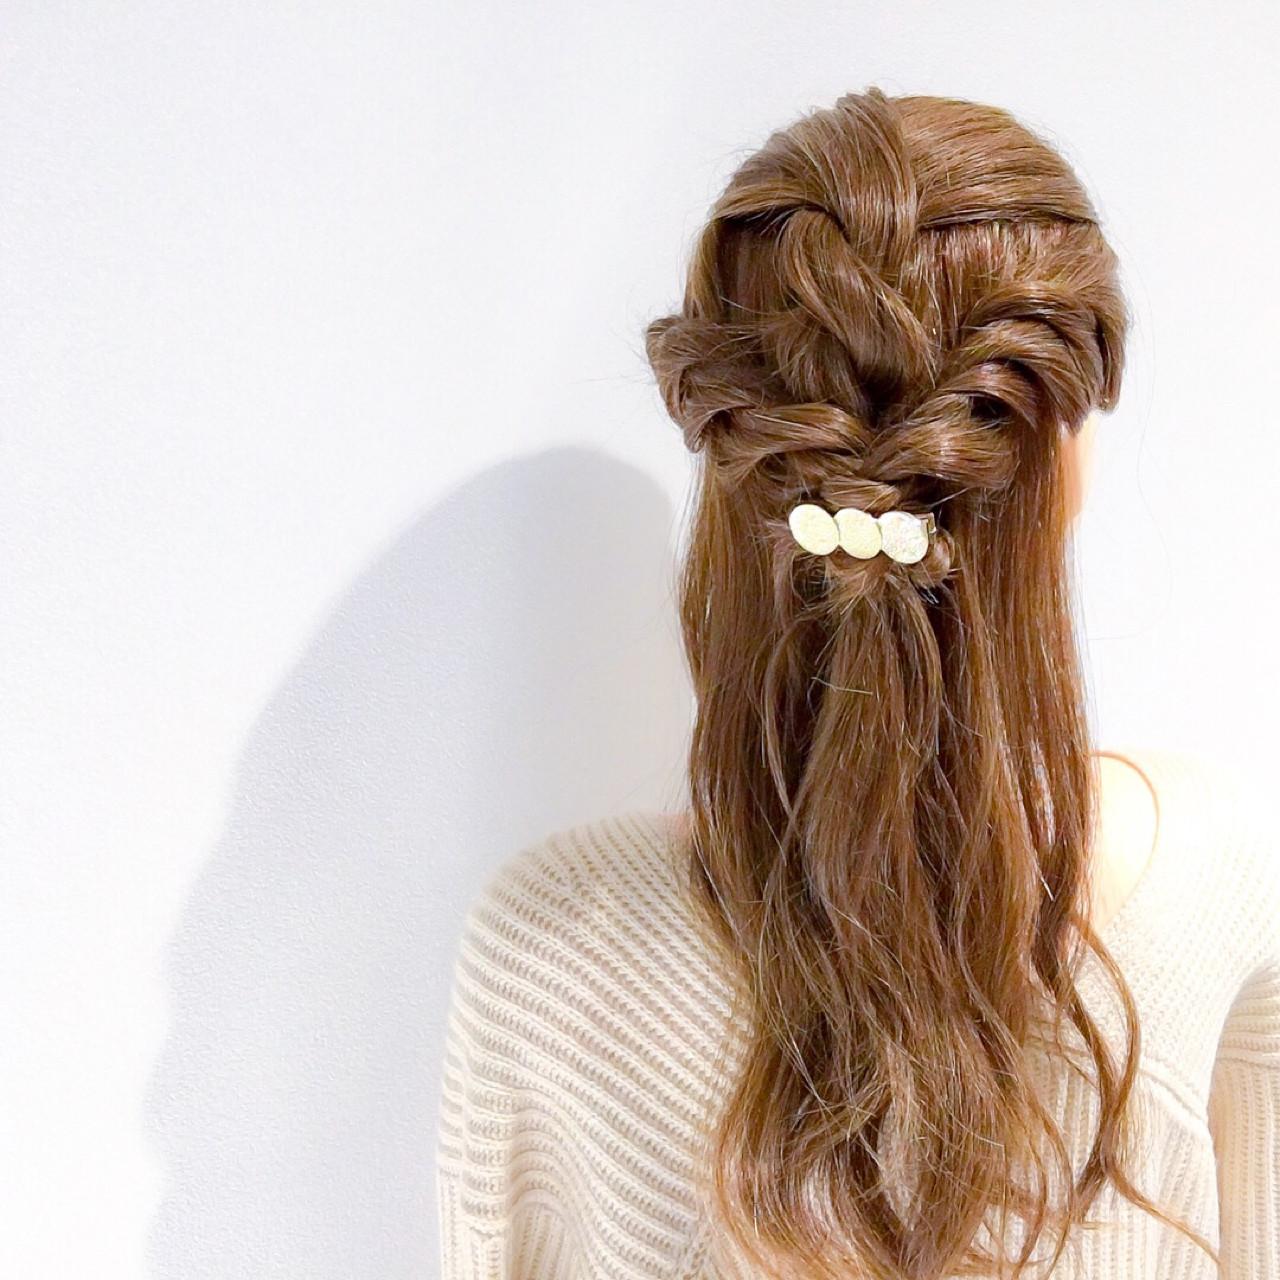 フェミニン ハーフアップ セミロング ヘアアレンジ ヘアスタイルや髪型の写真・画像